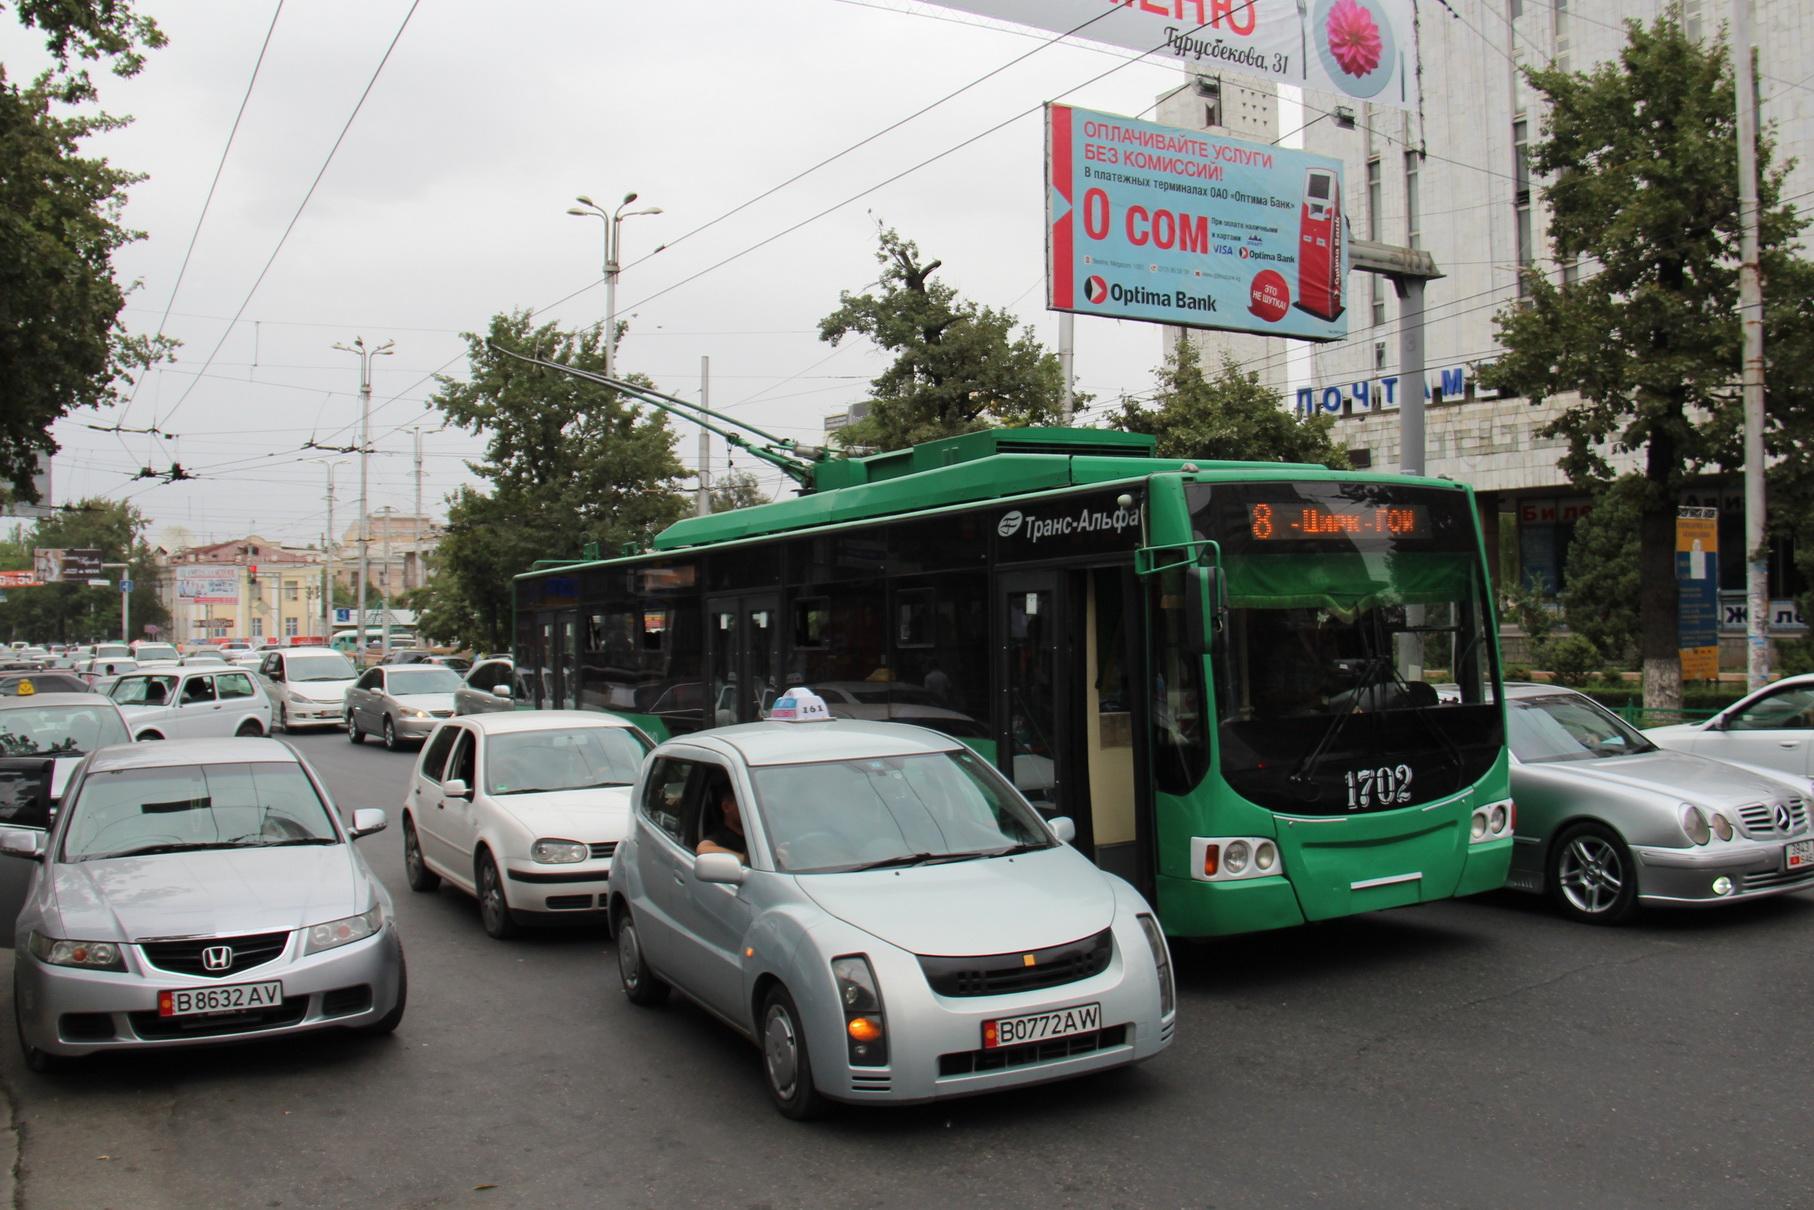 С сегодняшнего дня общественный транспорт работает в прежнем режиме.